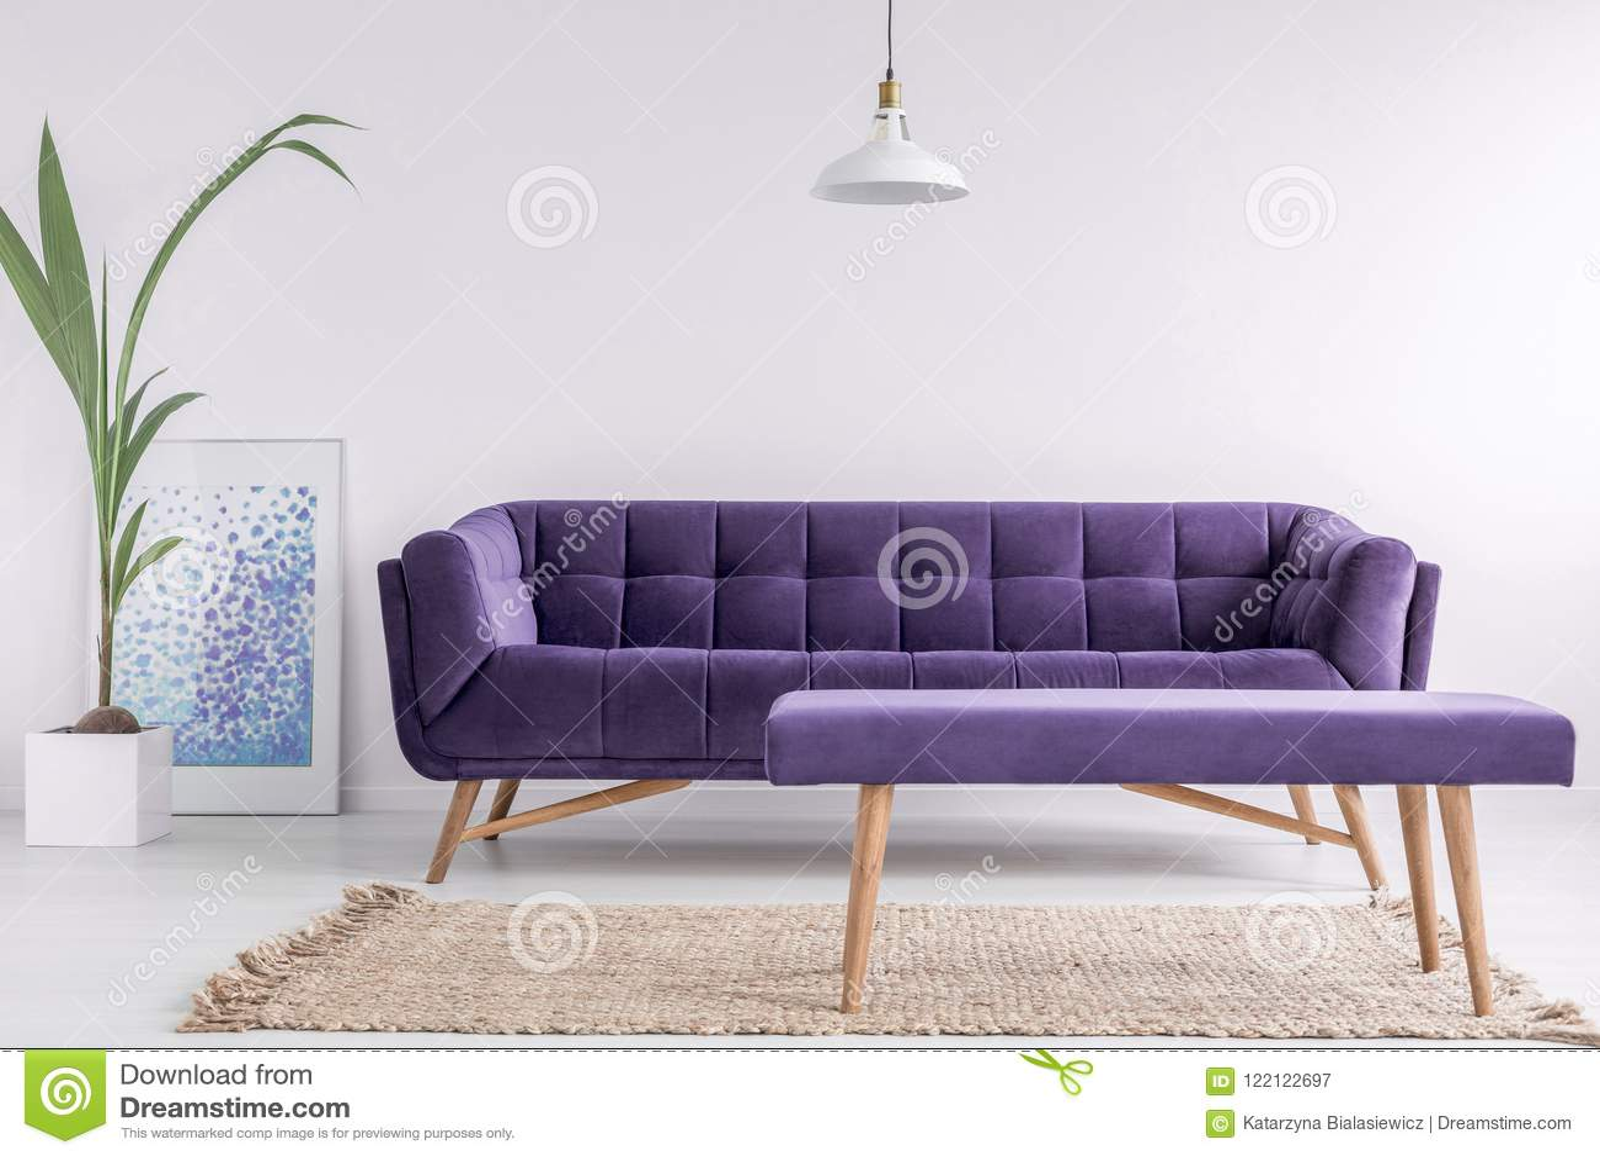 Heller Wohnzimmerinnenraum mit frischer Anlage, Plakat und Teppich auf dem Boden und die purpurrote Couch und Bank im wirklichen